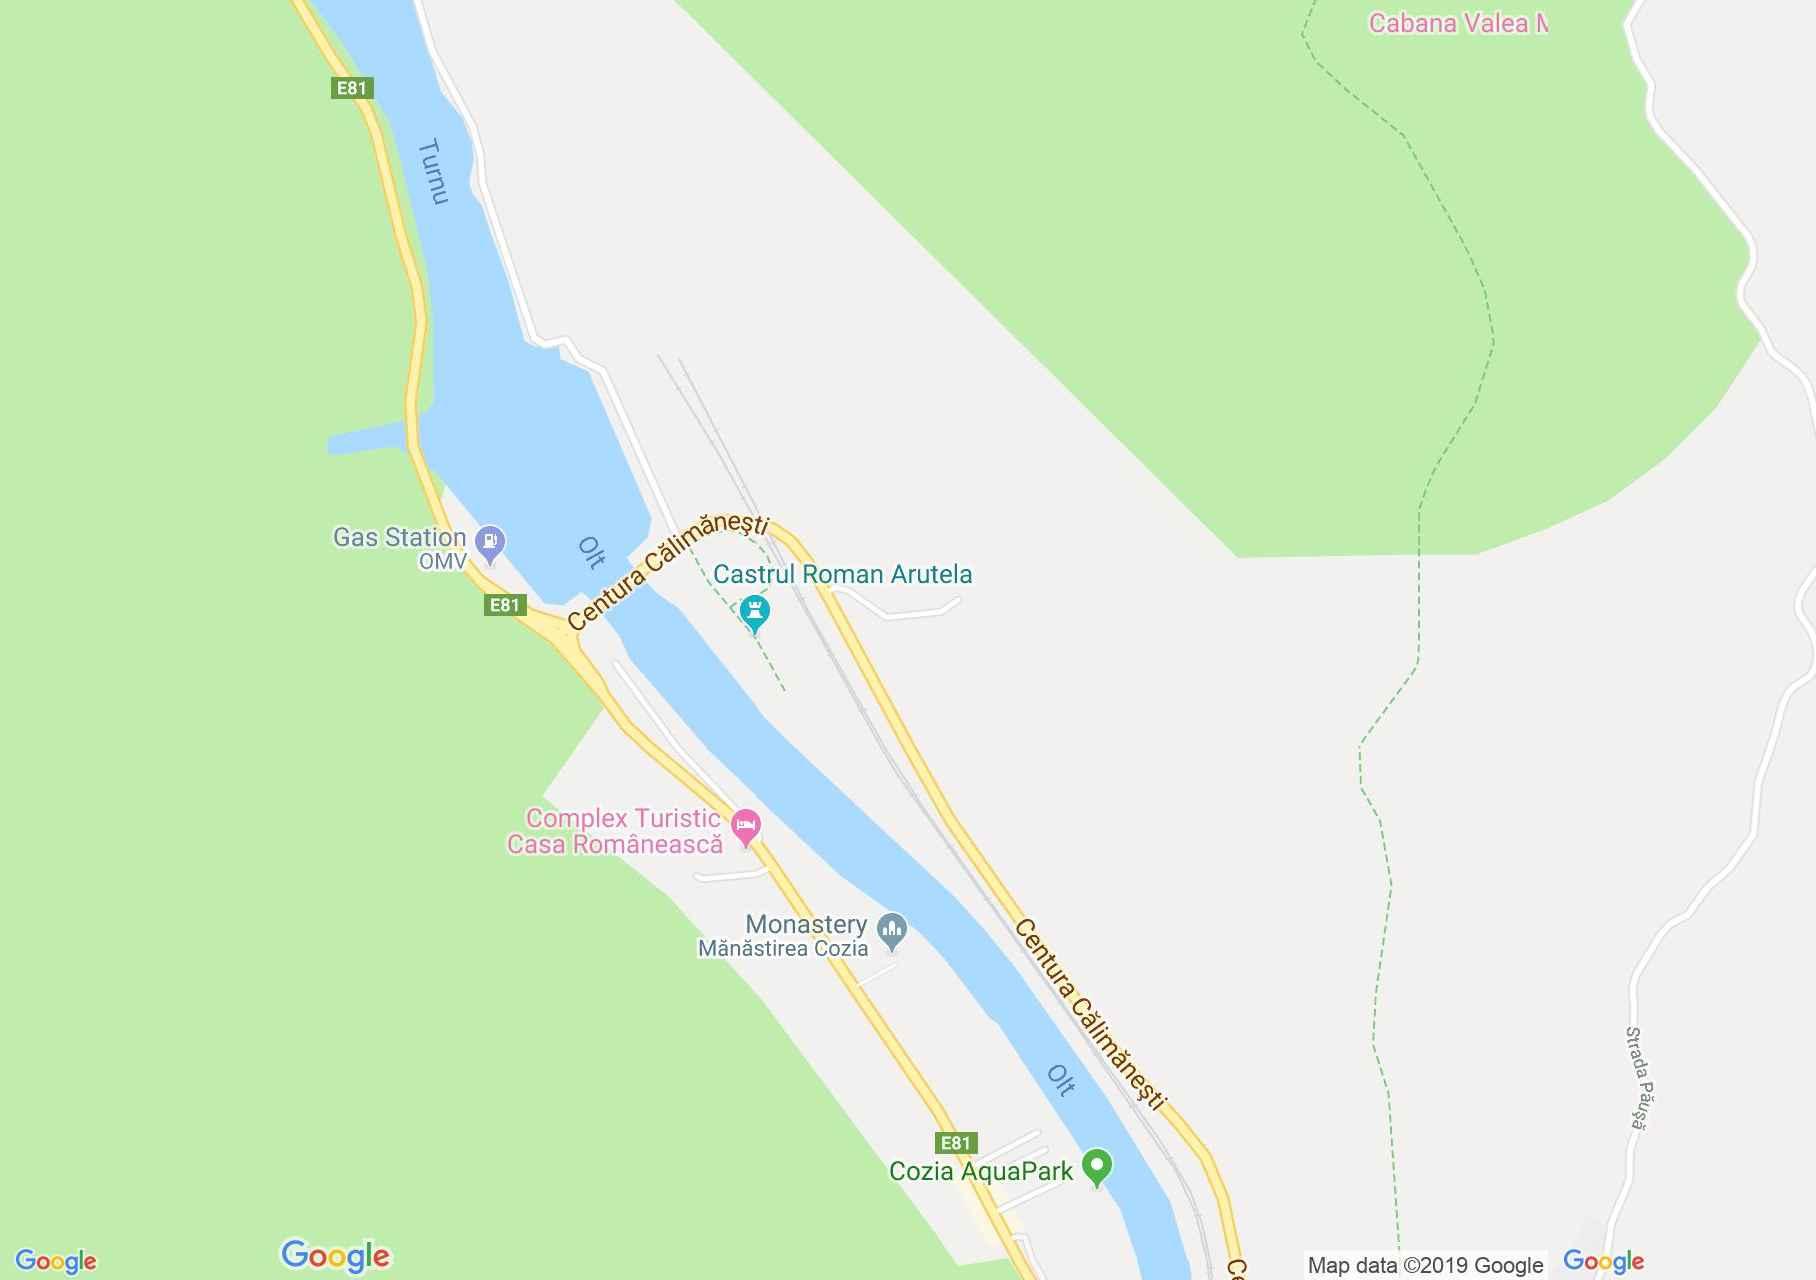 Hartă Călimăneşti: Mănăstirea Cozia, Paraclisul de Nord